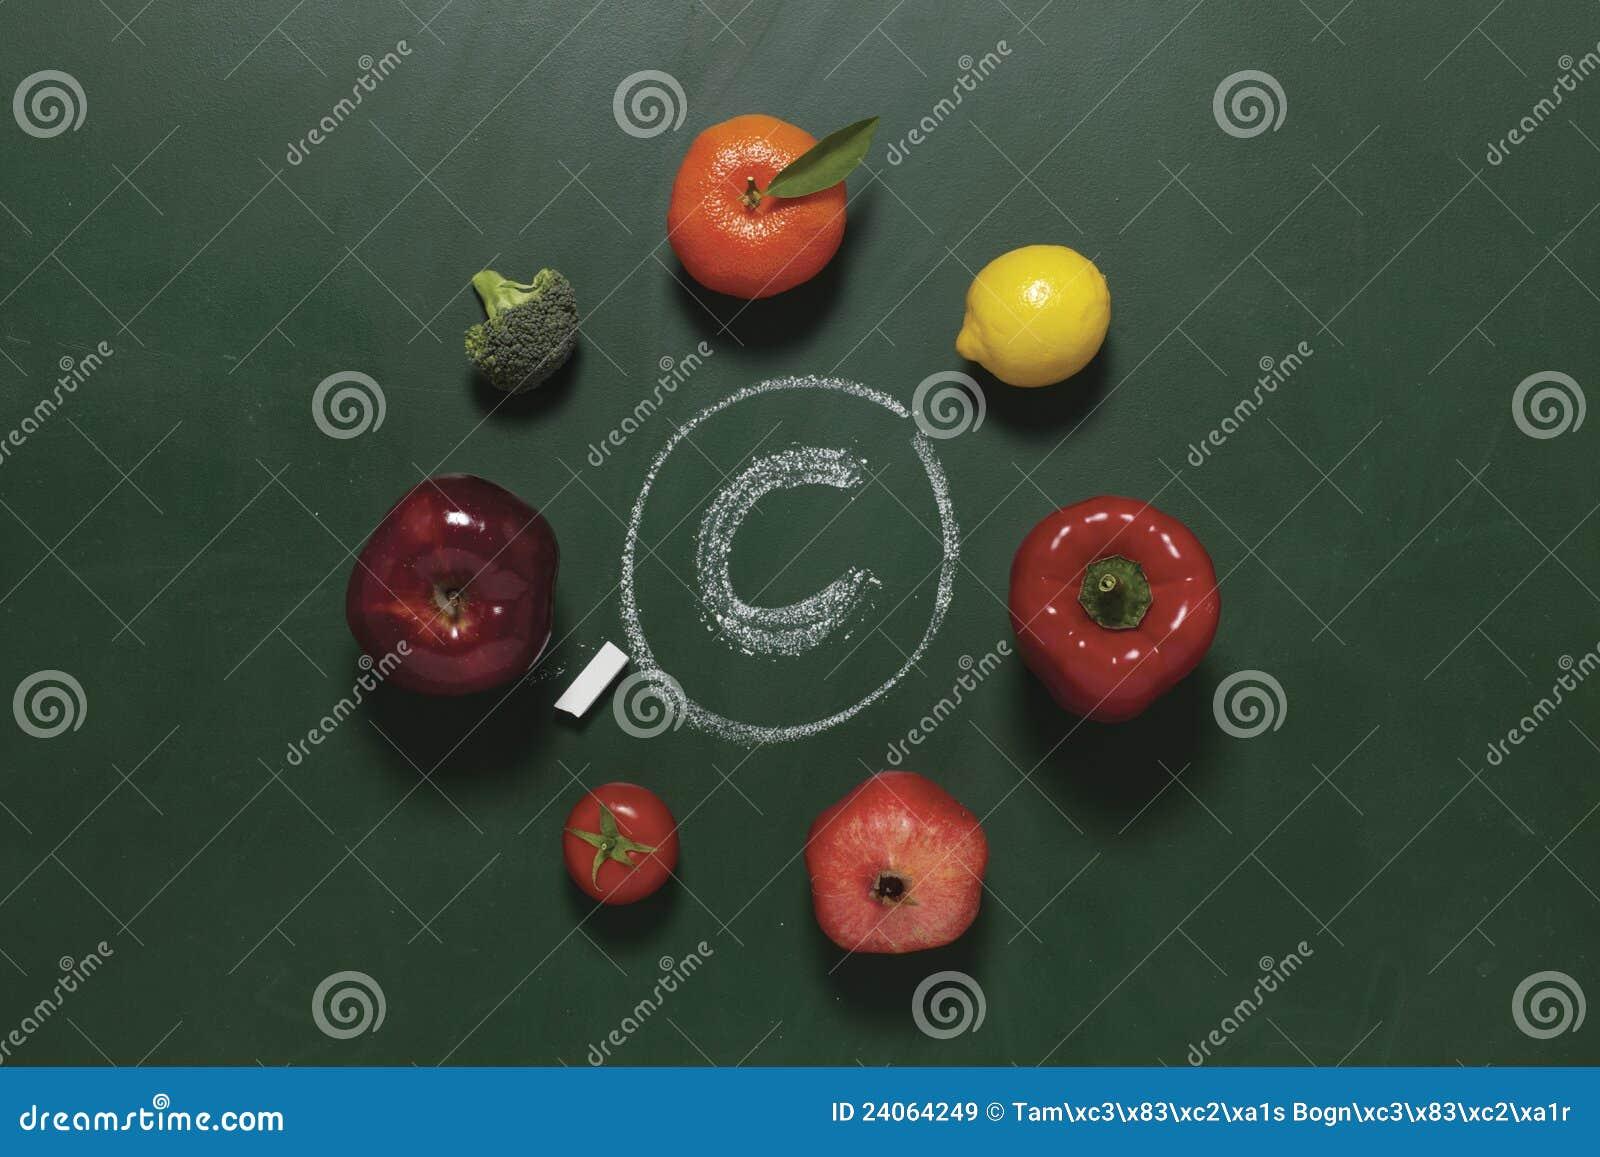 Obst und Gemüse enthalten Vitamin C